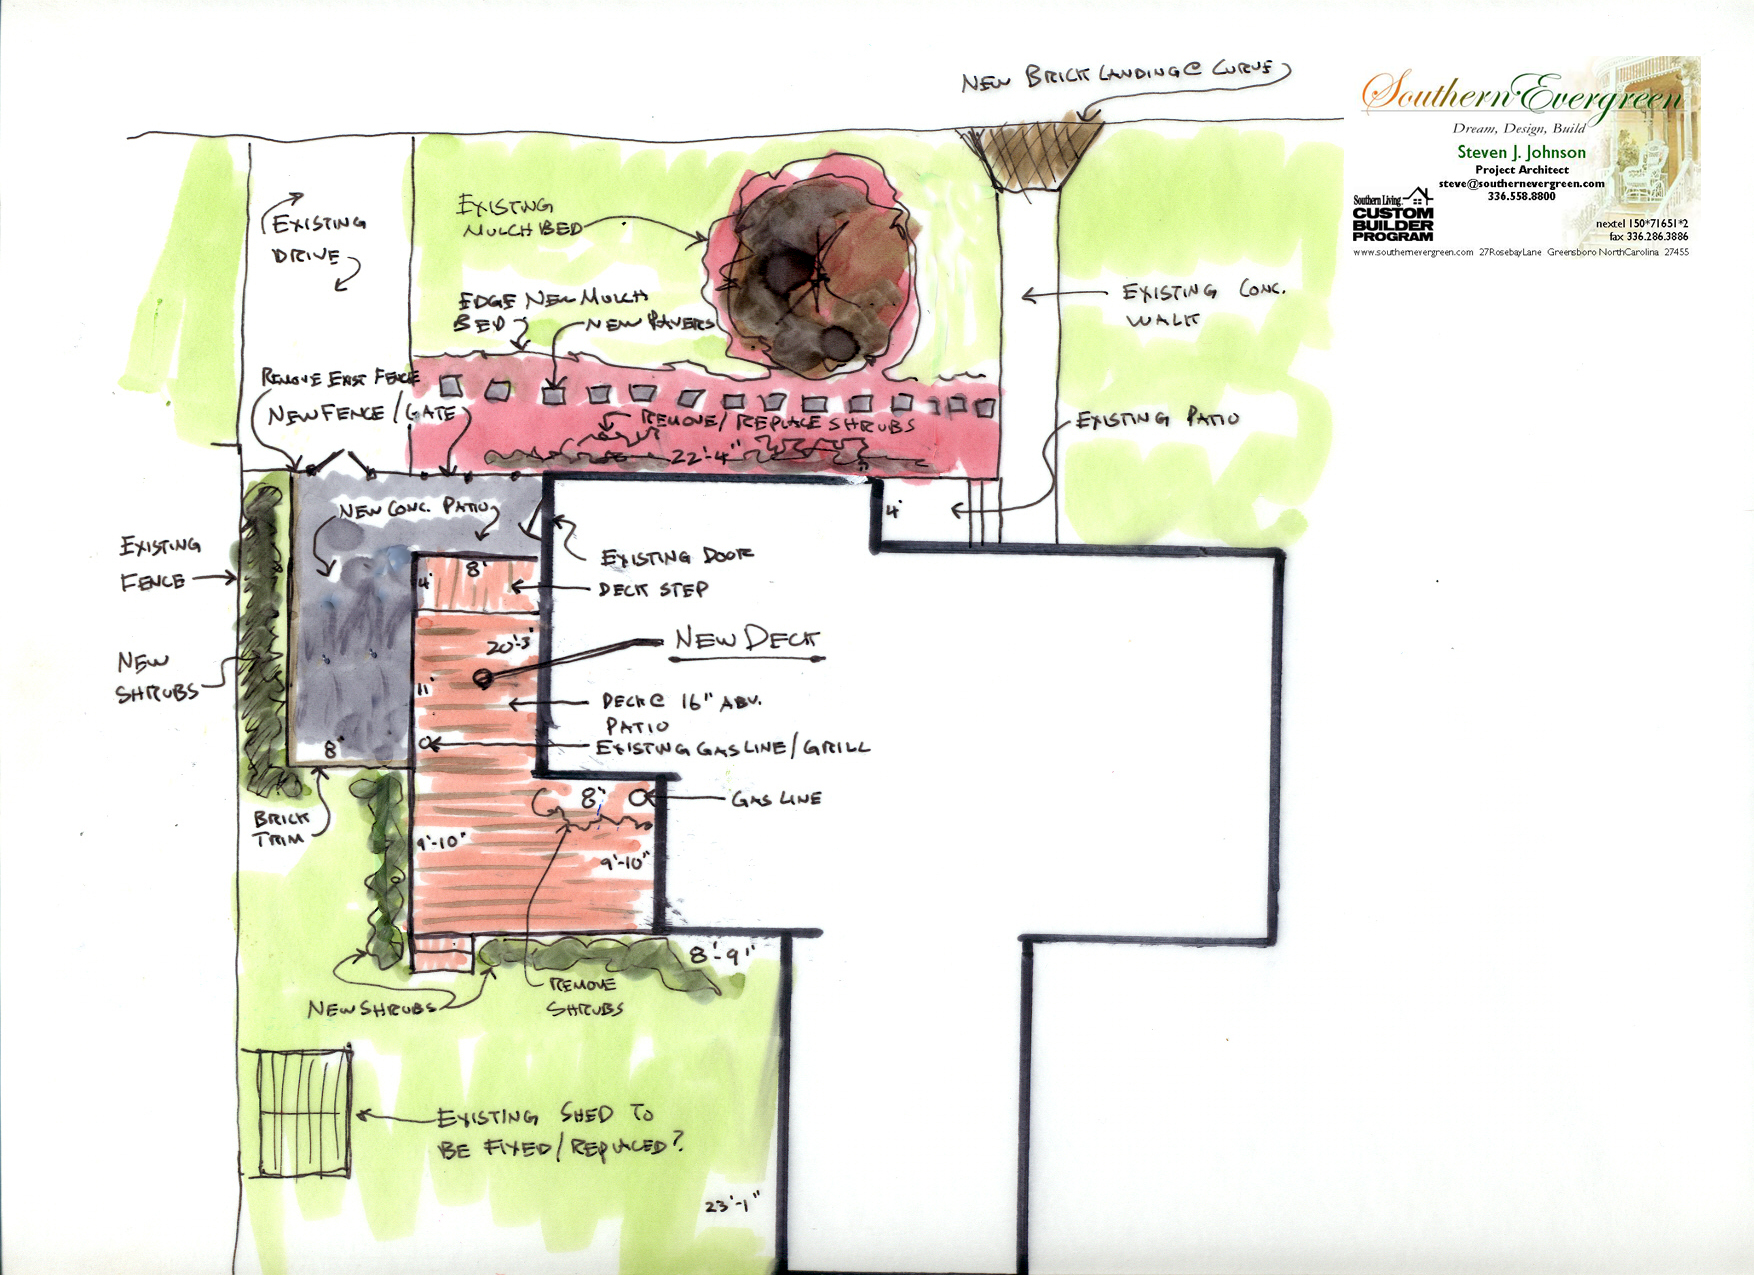 060529 preliminary sketch